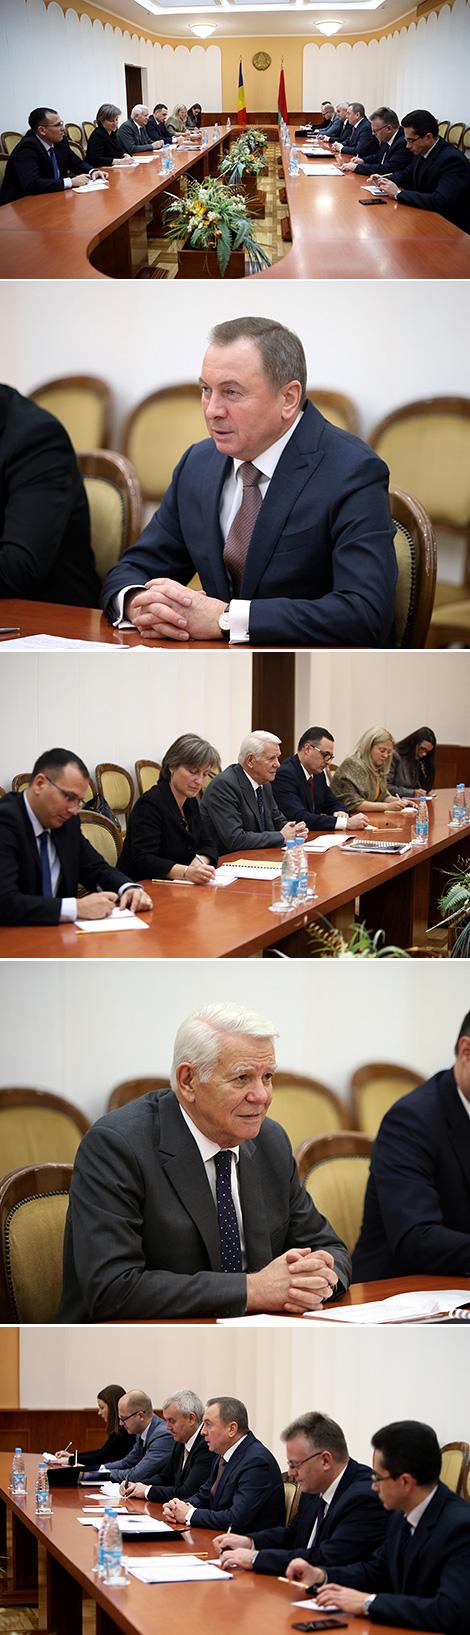 Макей: Краіны Еўрасаюза бачаць у Беларусі адкрытага і надзейнага партнёра